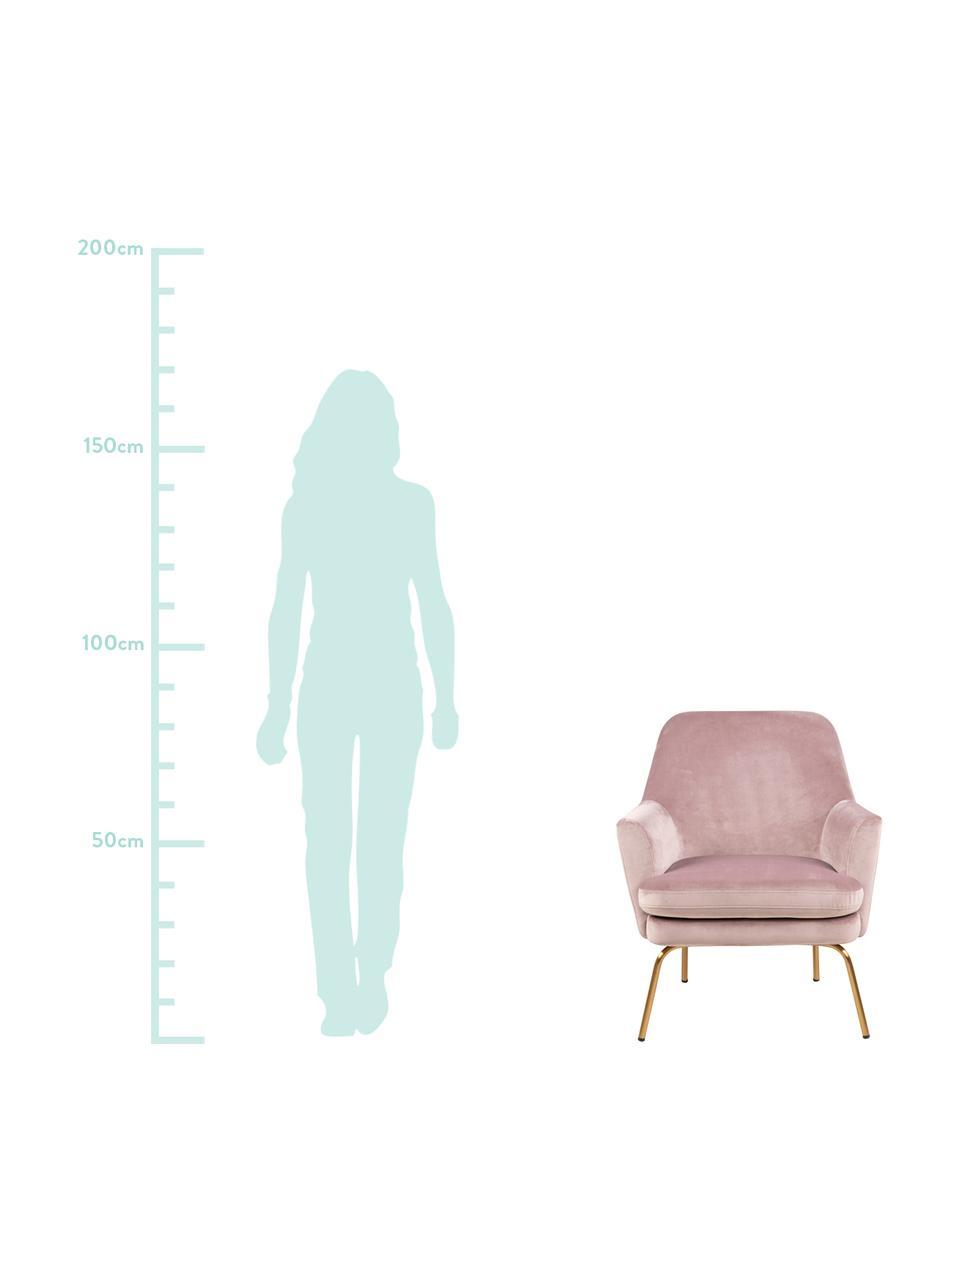 Samt-Cocktailsessel Chisa in Rosa, Bezug: Polyestersamt Der hochwer, Beine: Metall, lackiert, Samt Rosa, B 68 x T 73 cm